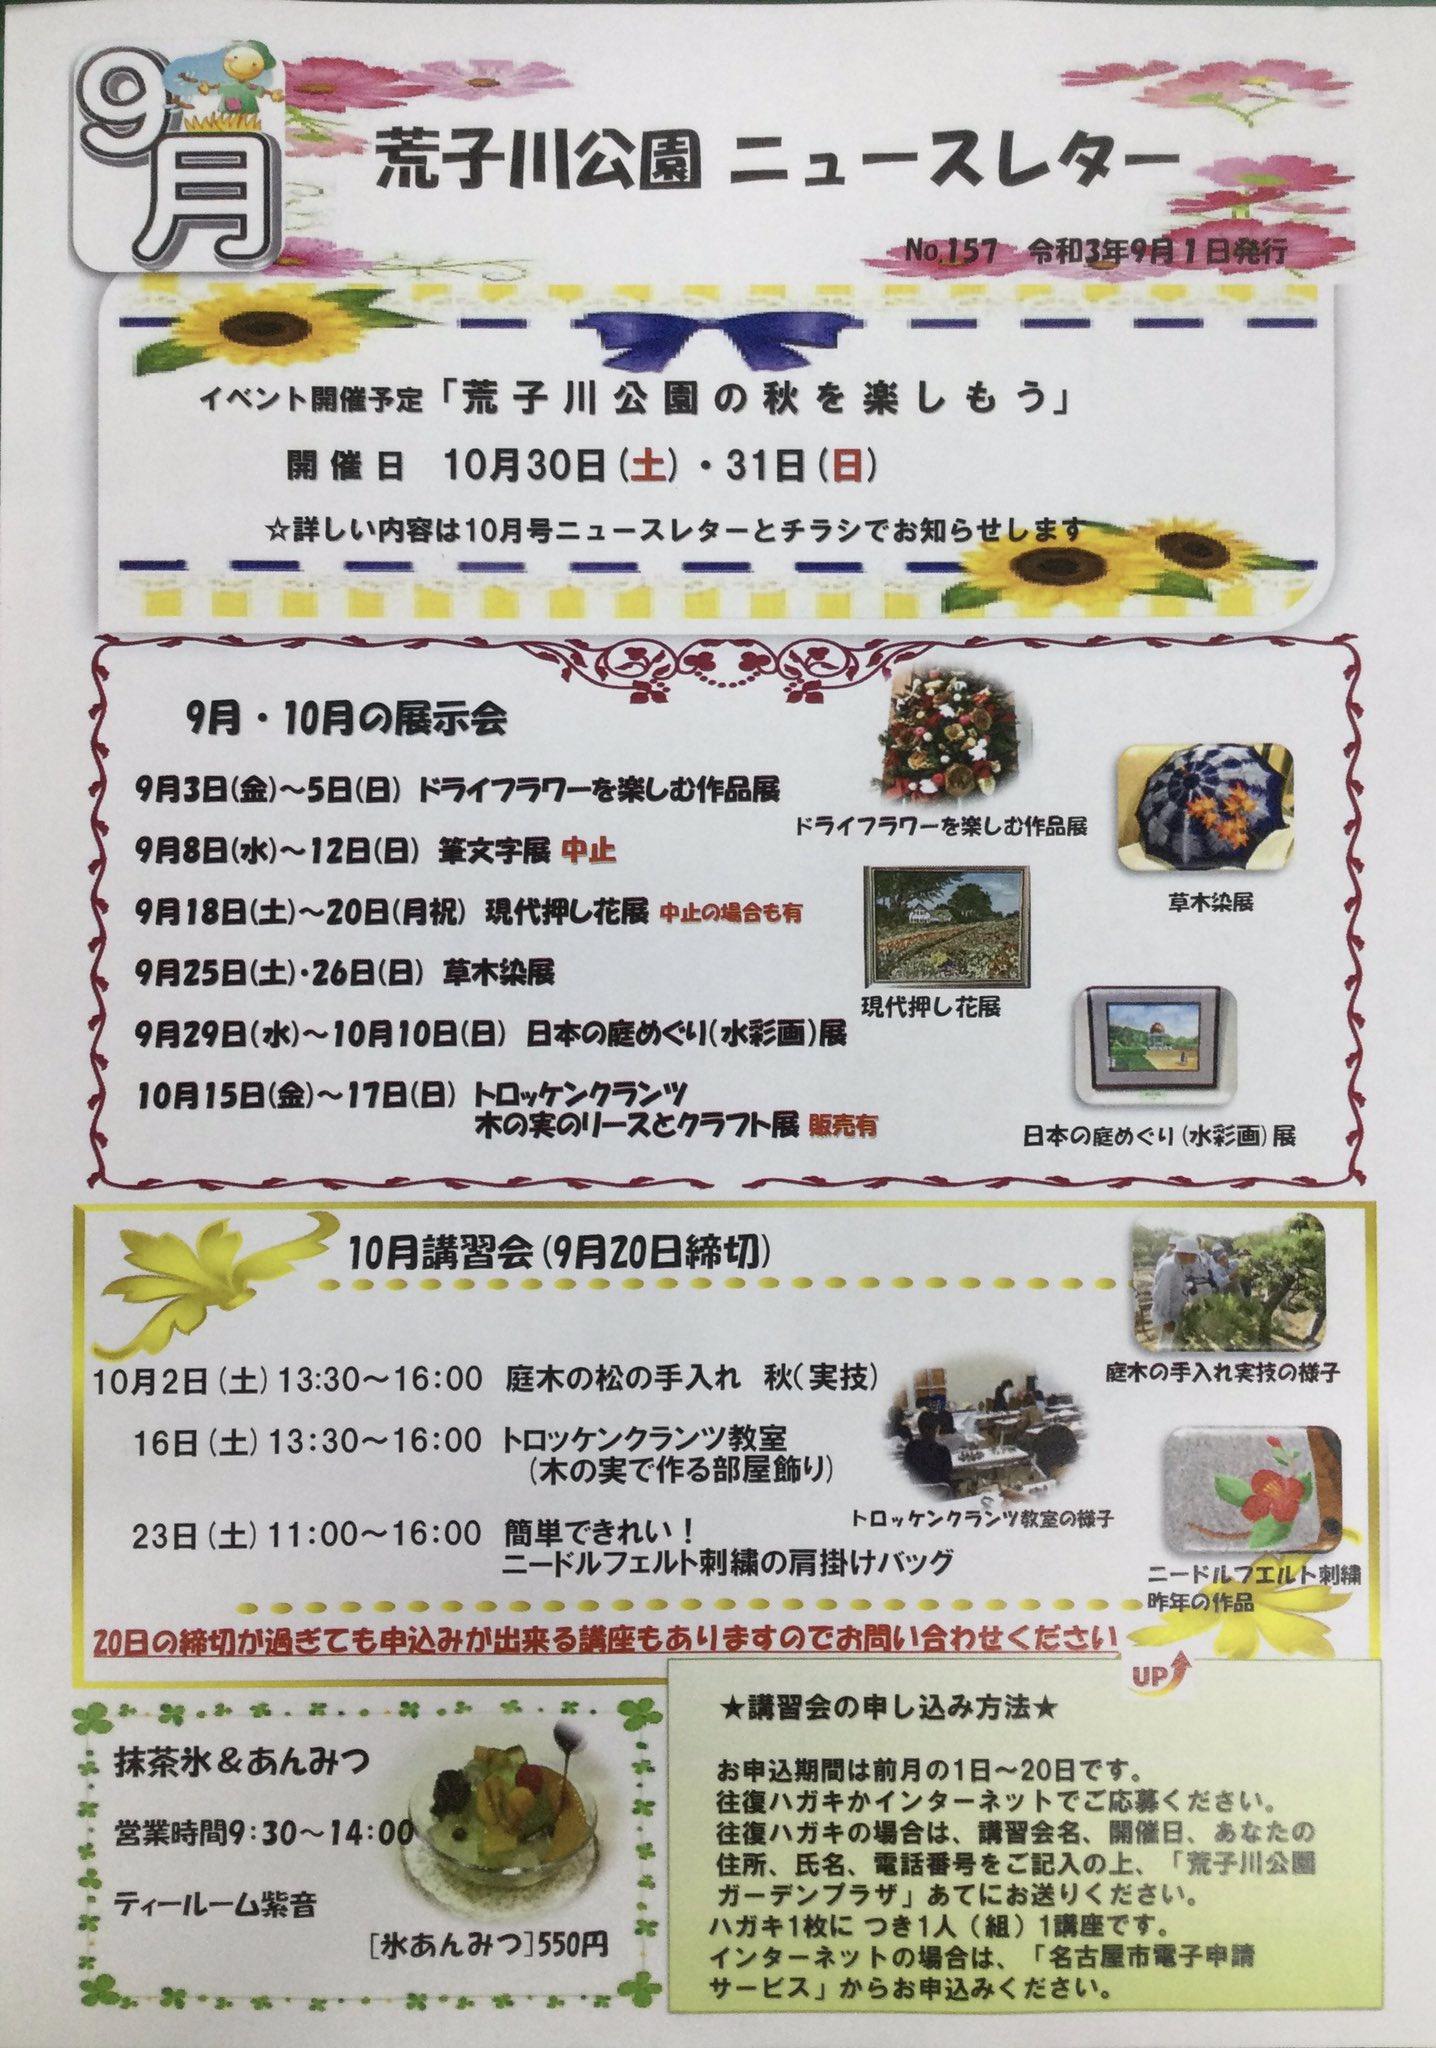 9月荒子川公園ニュースレター(展示会・講習会)